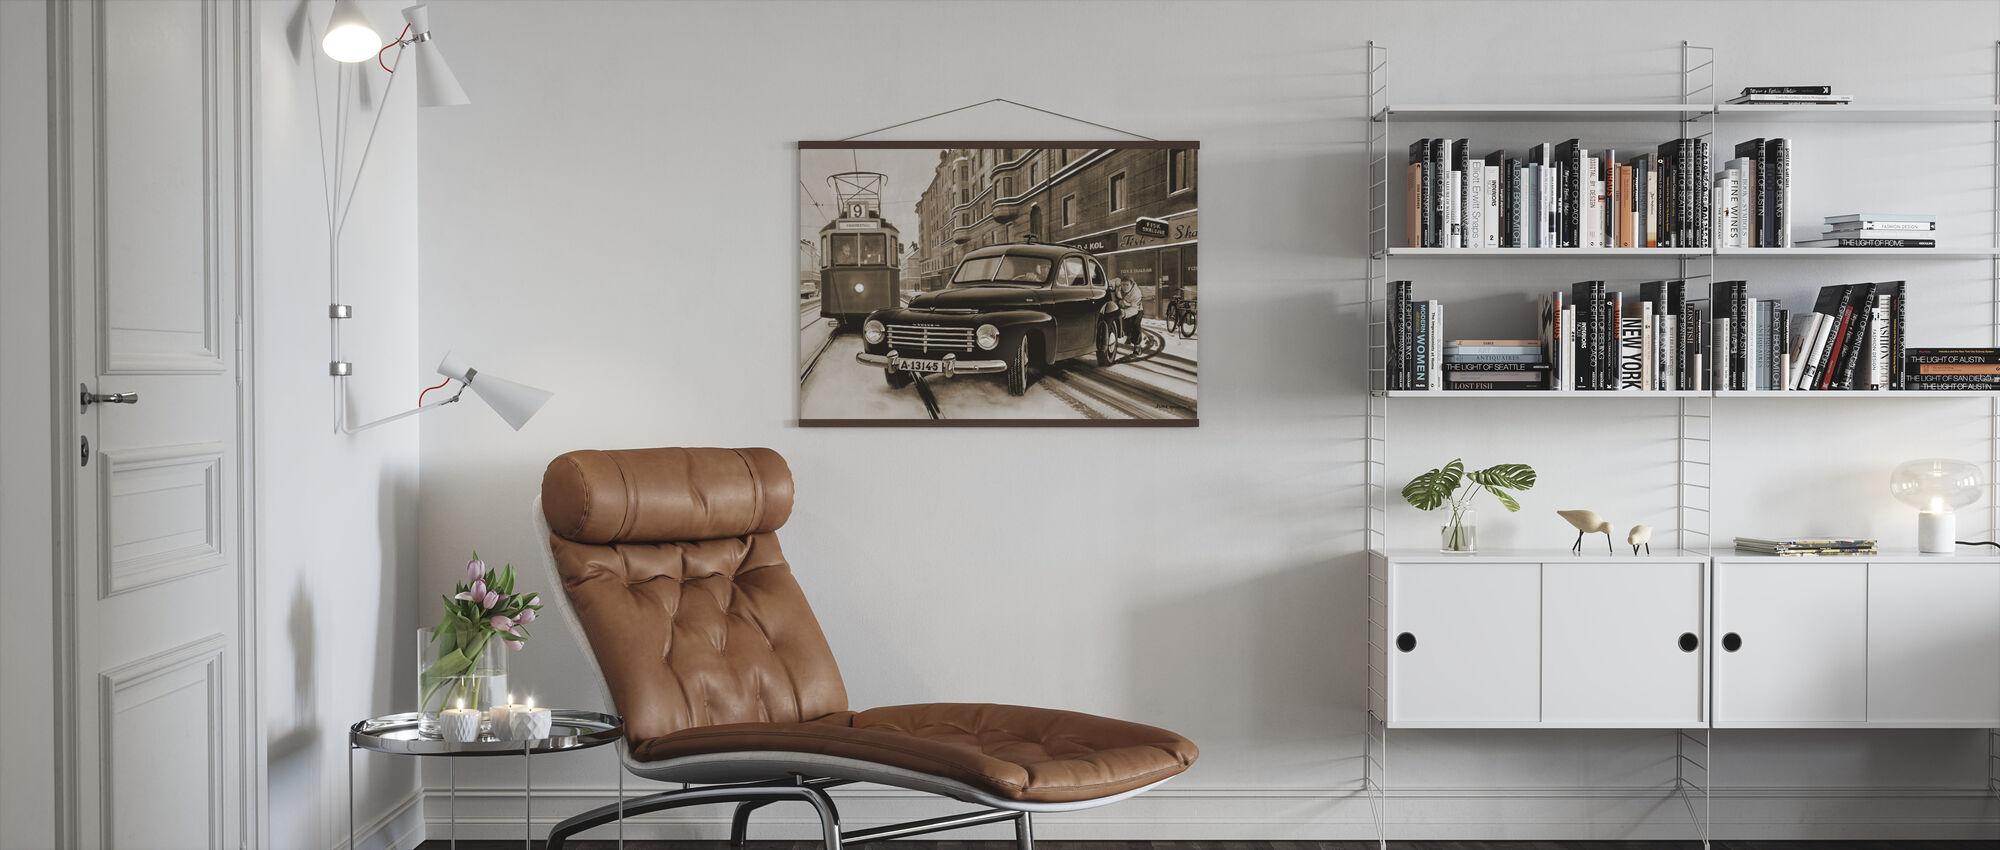 PV In Stockholm, Sweden - Poster - Living Room